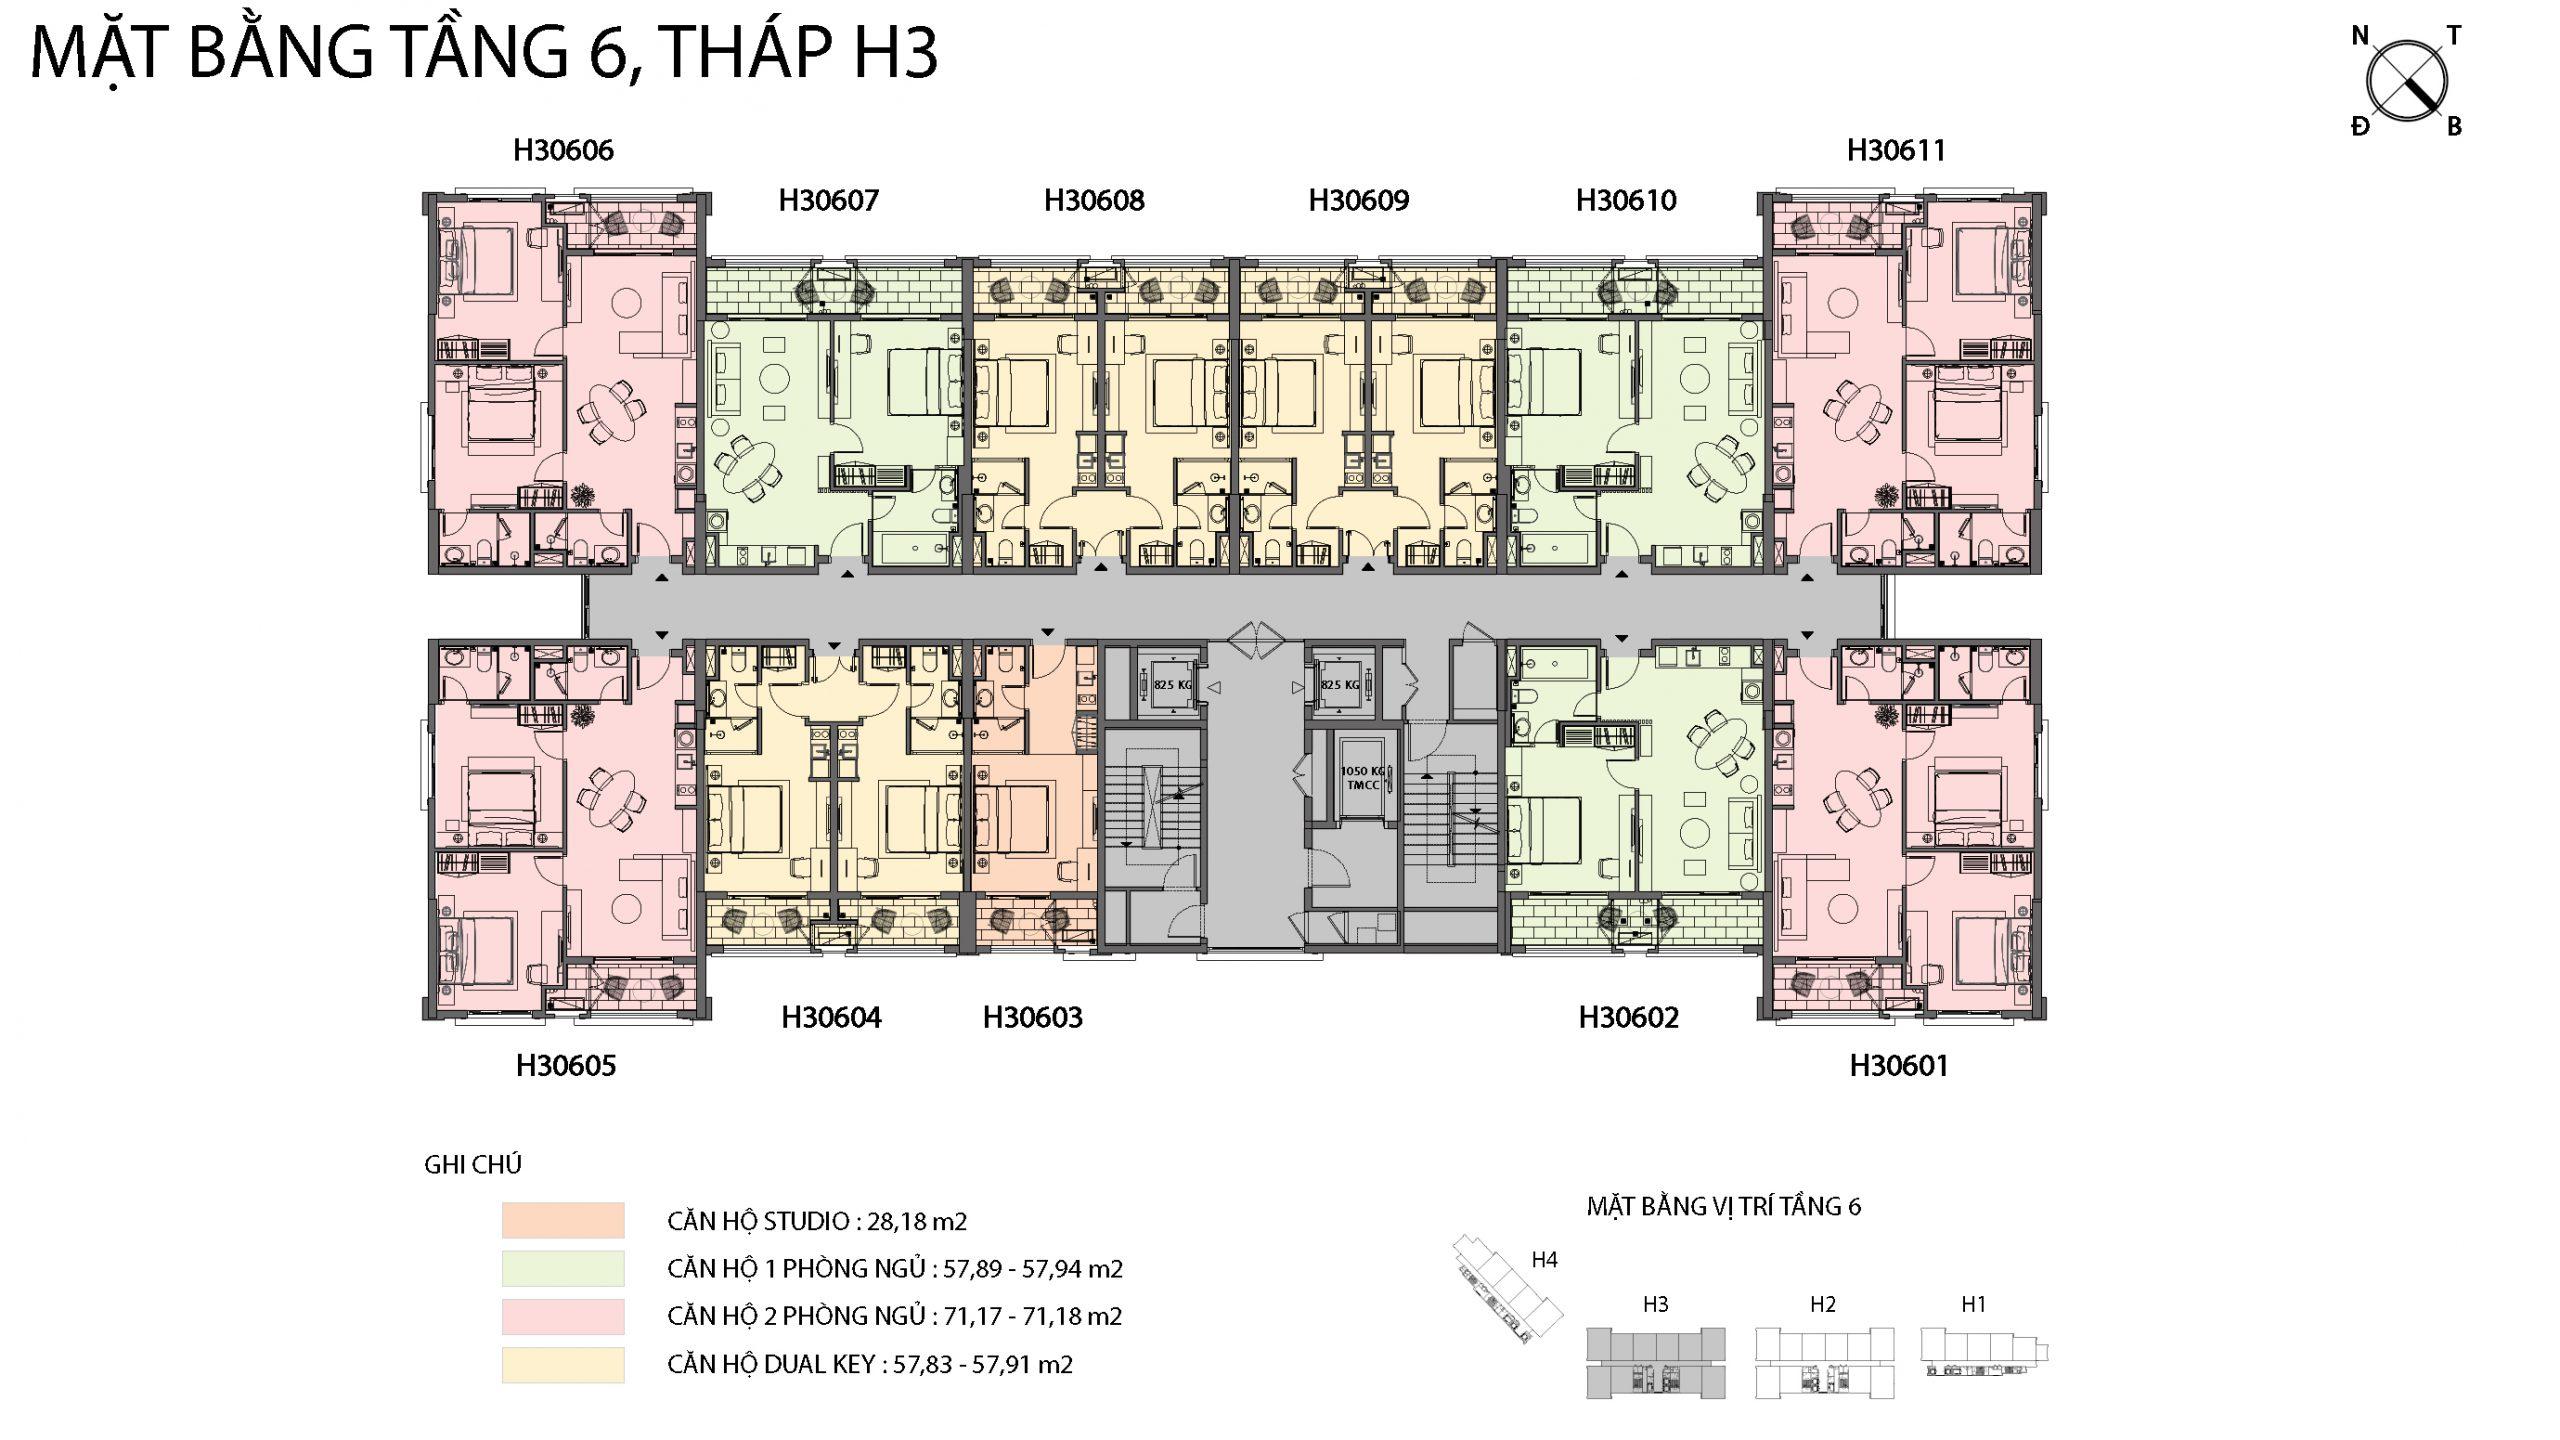 Mặt bằng chi tiết tòa căn hộ H3 - Sun Grand City Hillside Residence 4